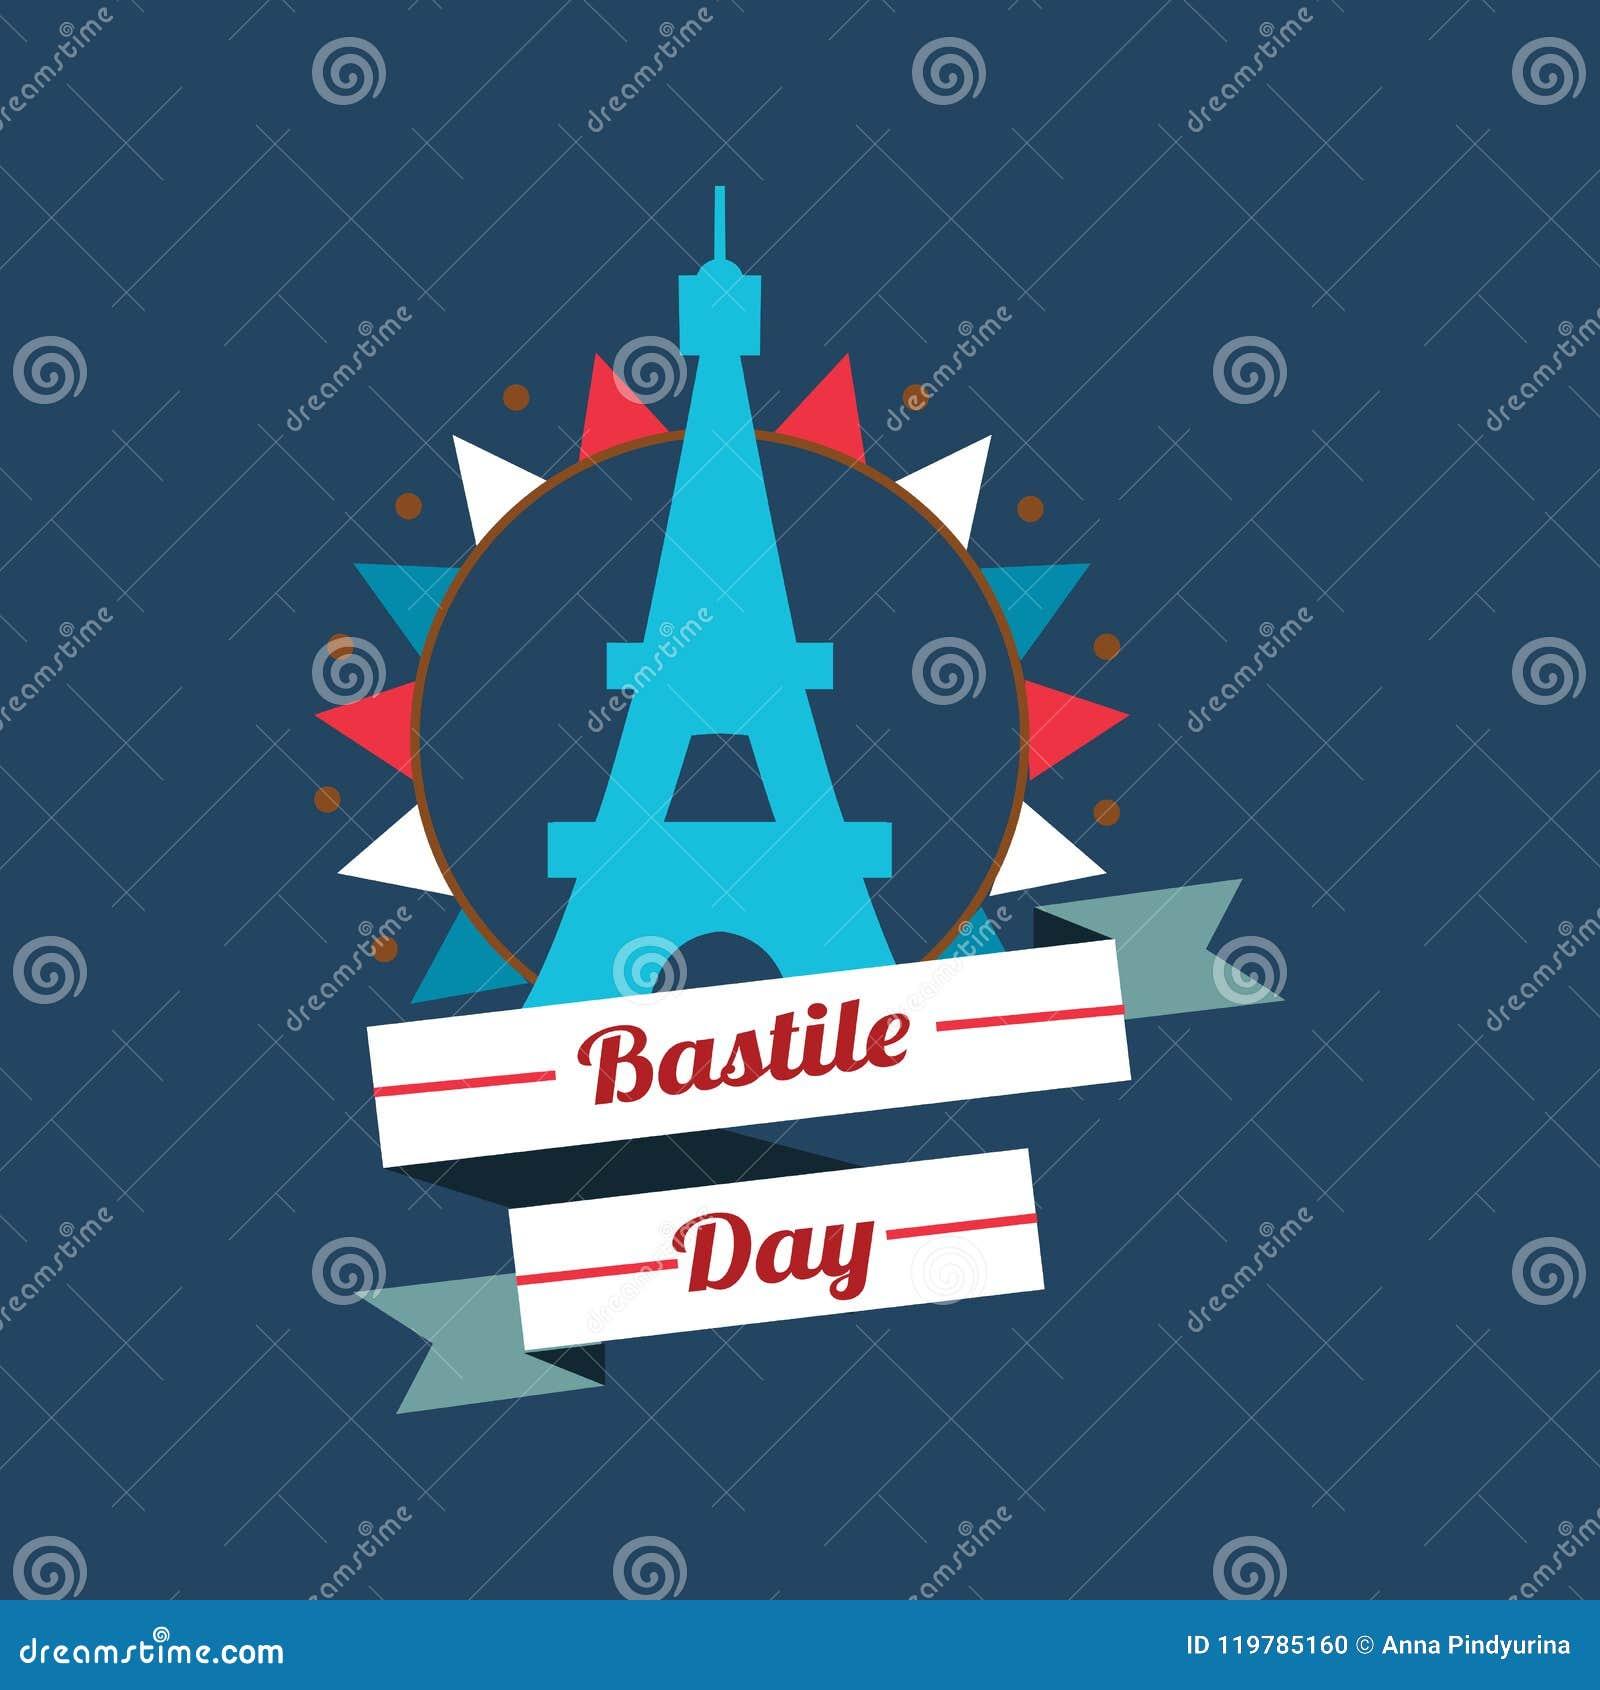 `14 Juillet - Vive La France` Is The Words For Celebrate